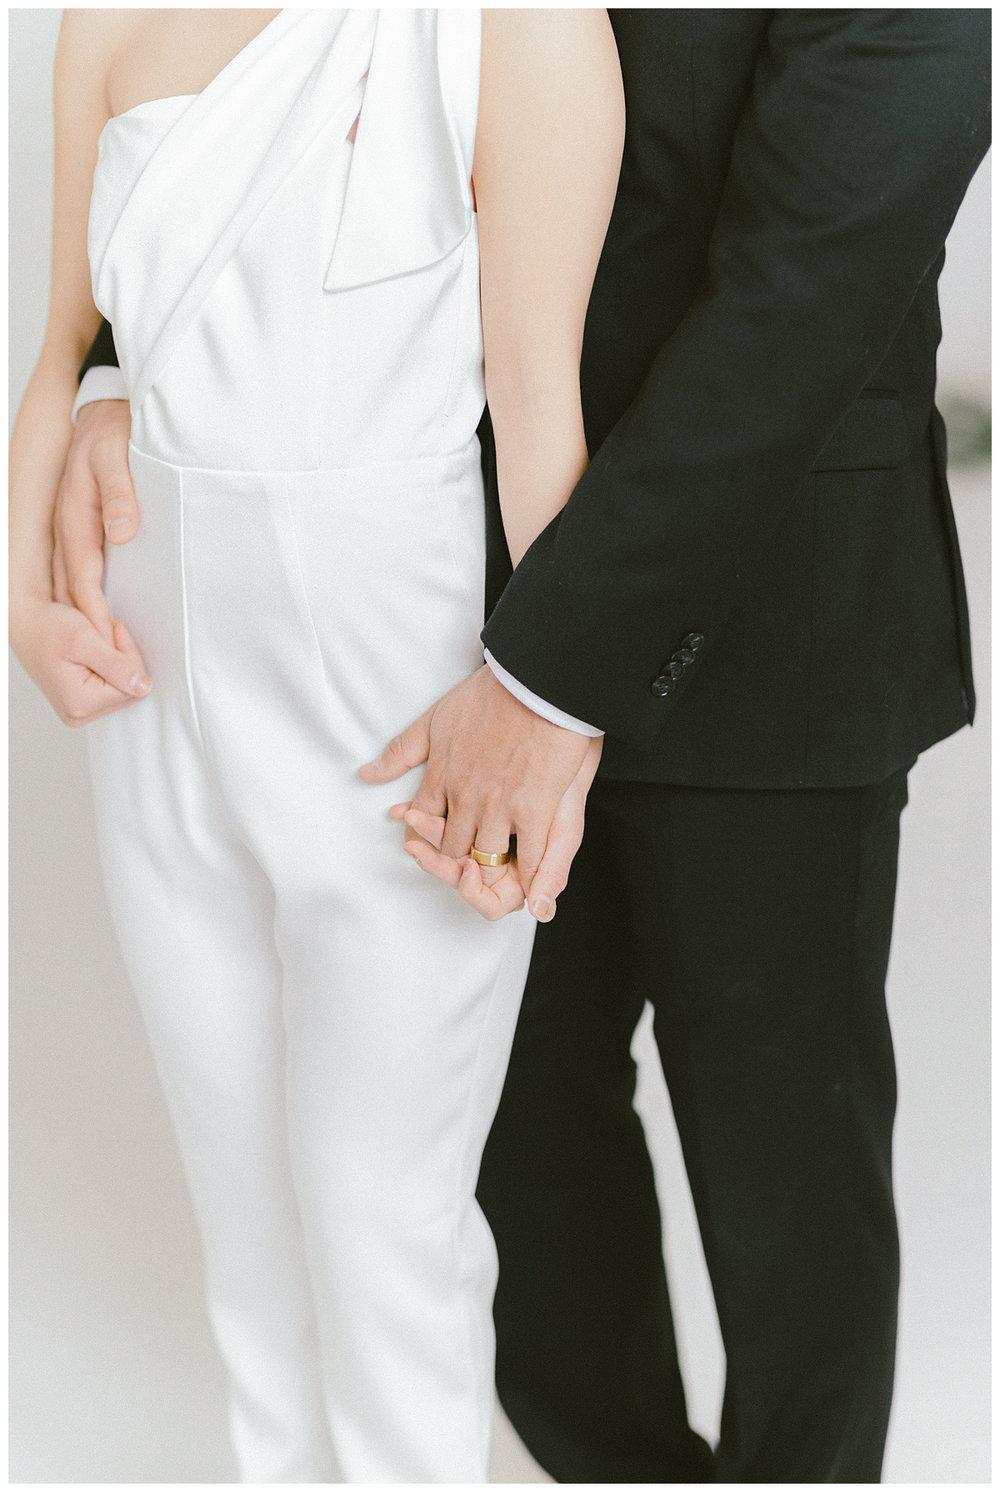 Hong Kong Fine Art Wedding Prewedding Photographer Mattie C. 00021.jpg